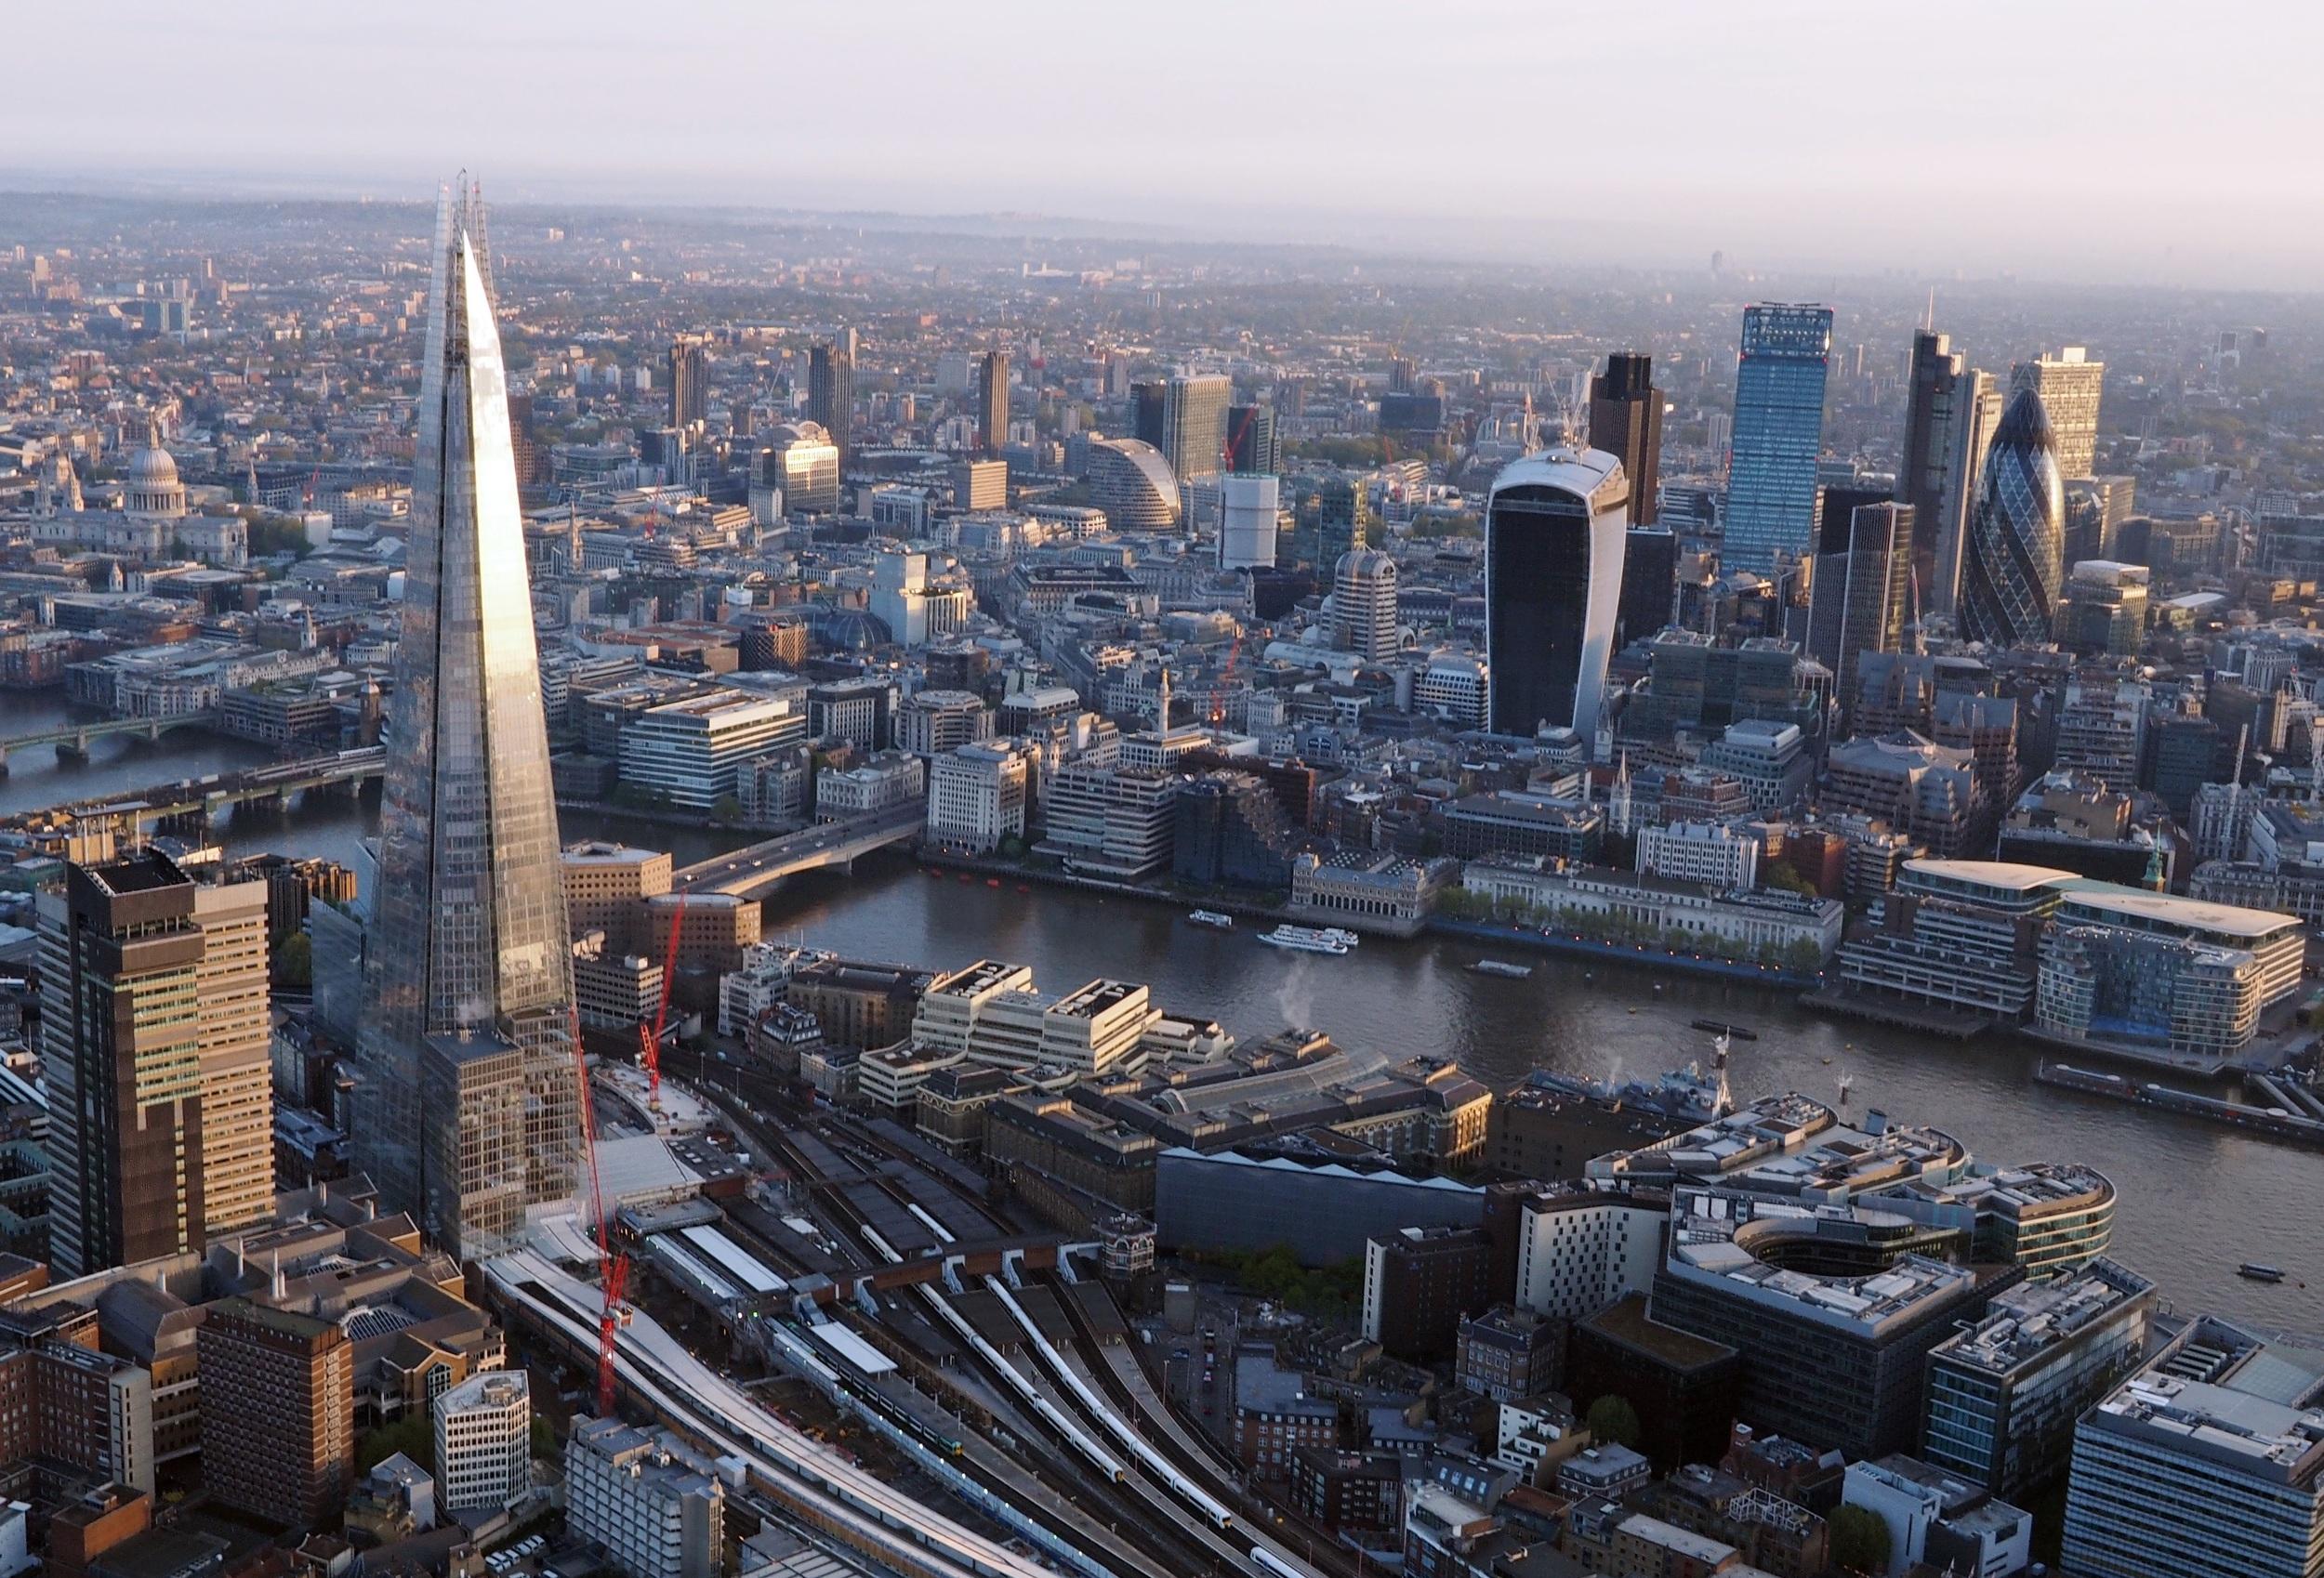 London_from_a_hot_air_balloon.jpg